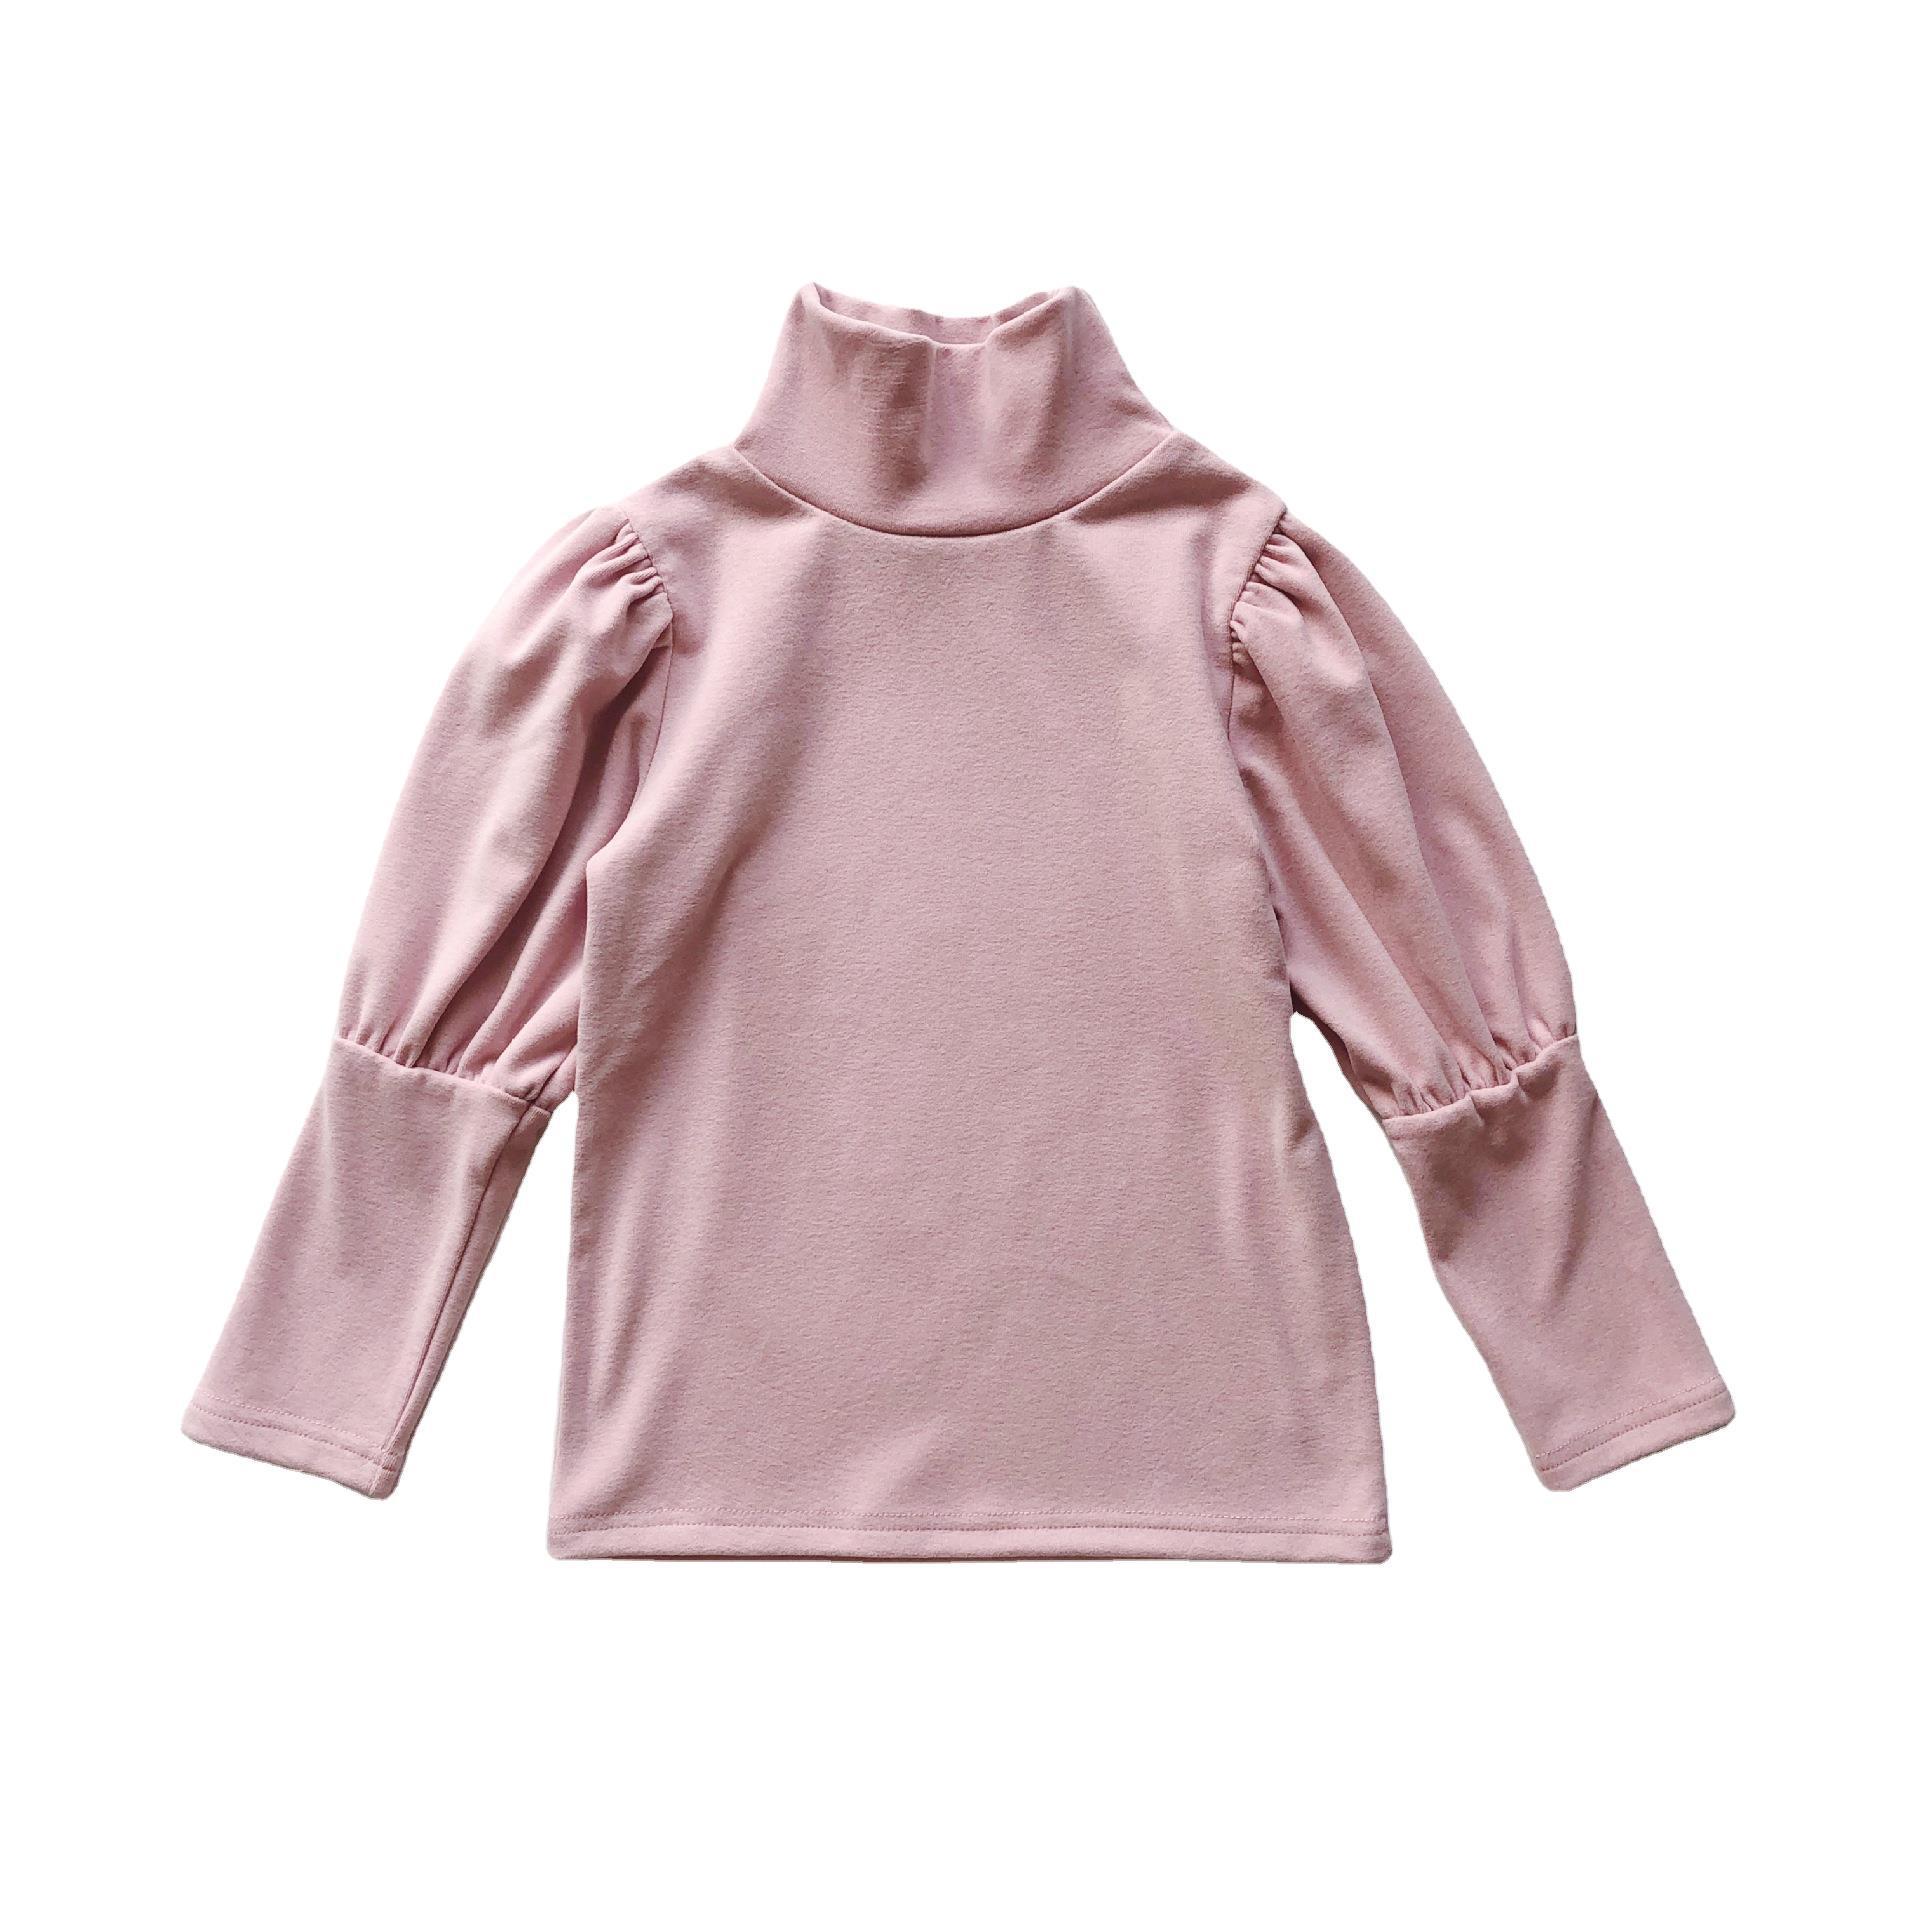 2021 Autumn New Arrival Girls Long Sleeve Cotton T Shirt Kids Puff Sleeve T Shirt  Princess T Shirt 5